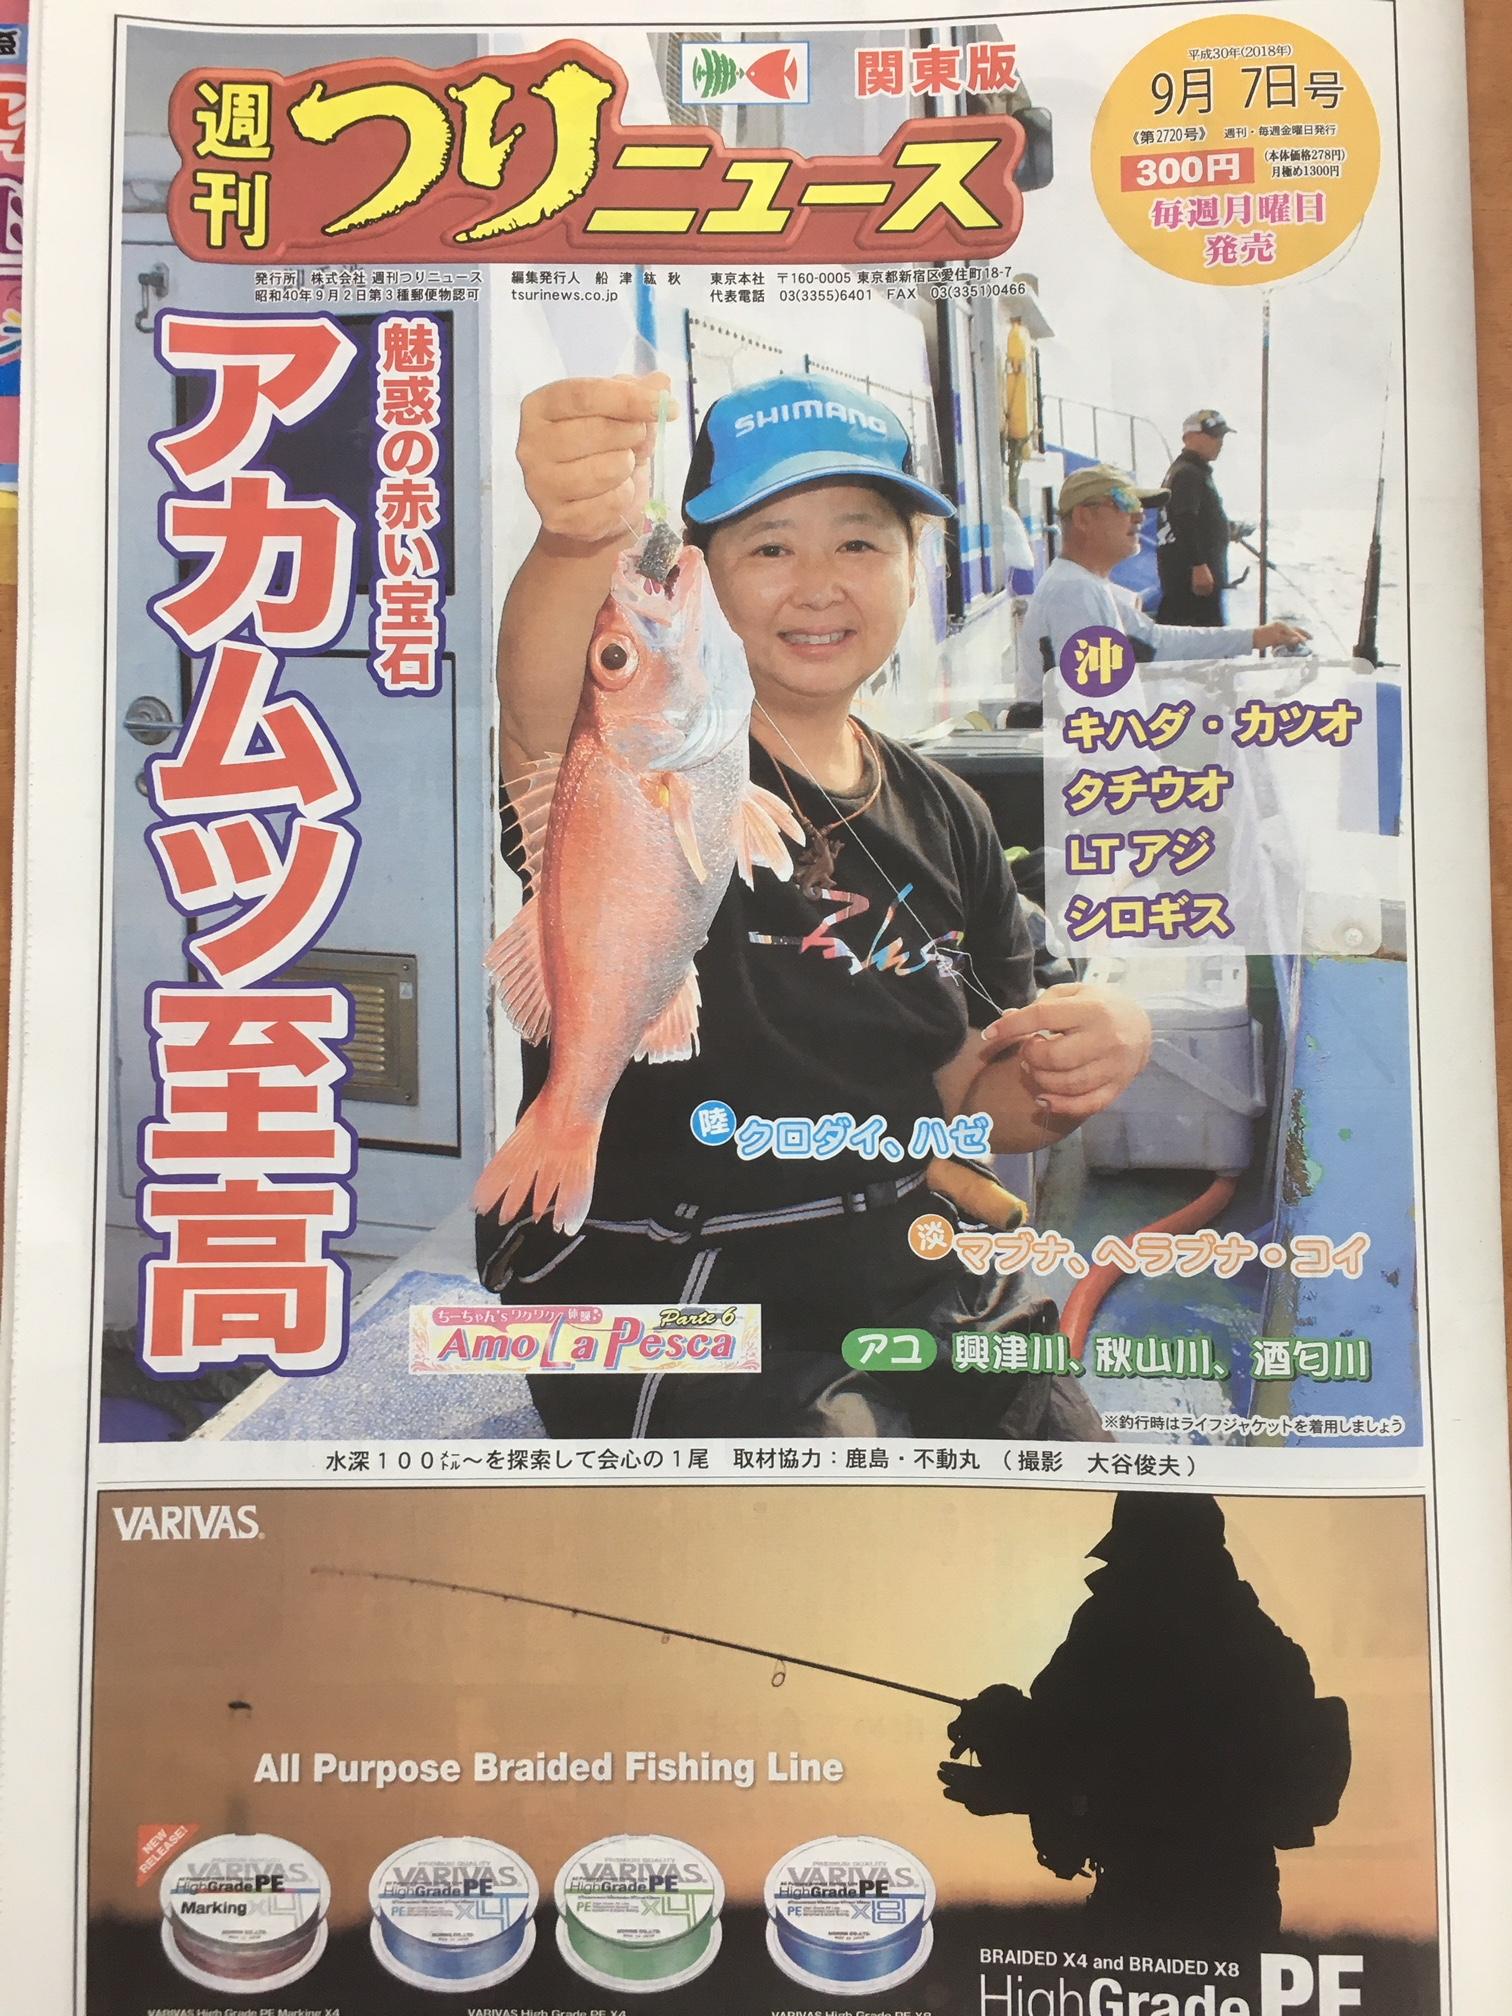 CLUEメタルジグ試釣会の記事掲載!『週刊つりニュース関東版 2018年9月7日号』